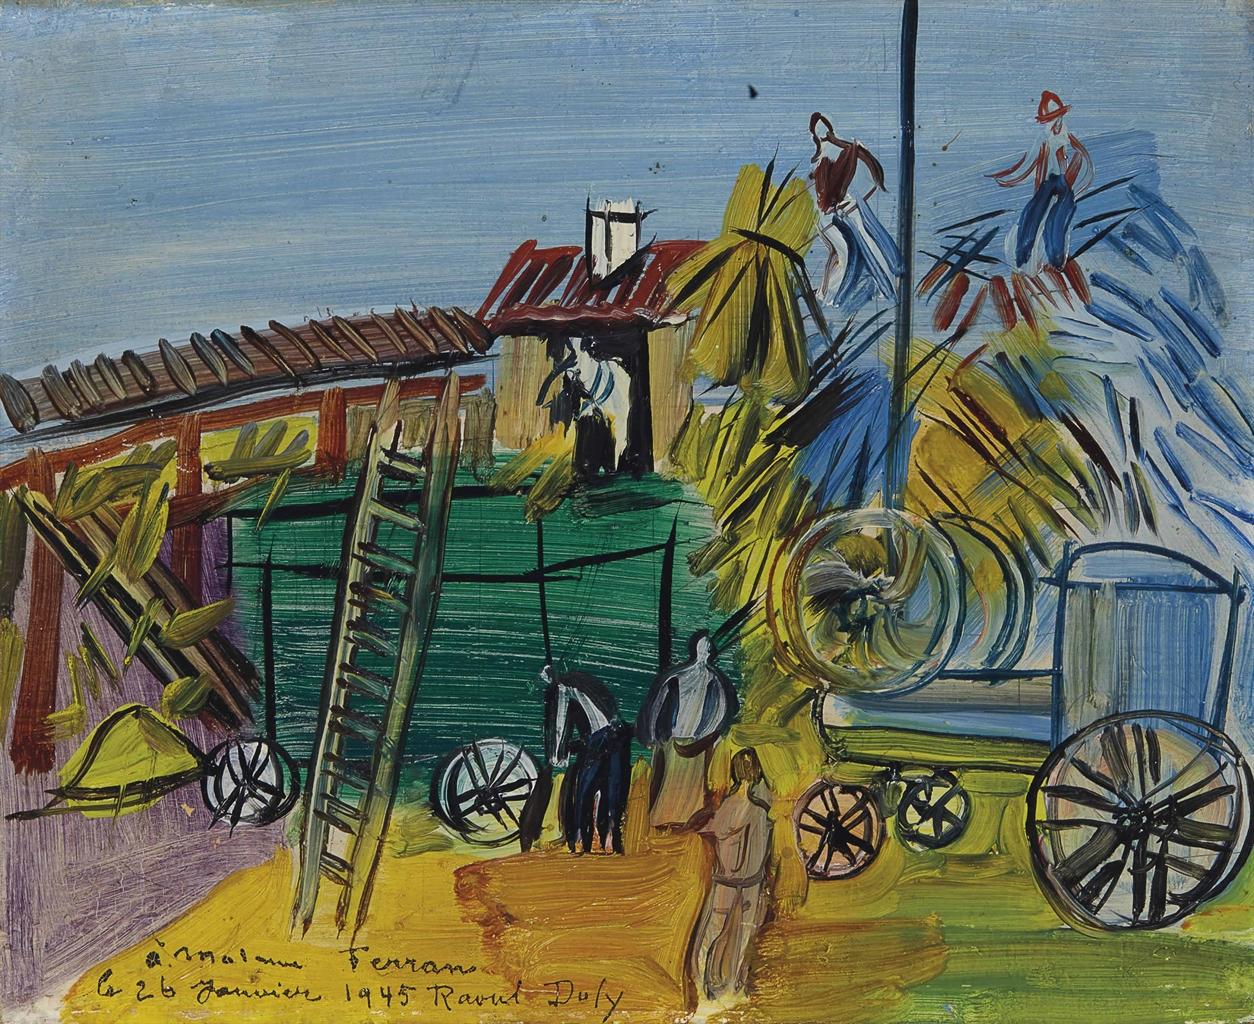 Raoul Dufy-Le depiquage-1945